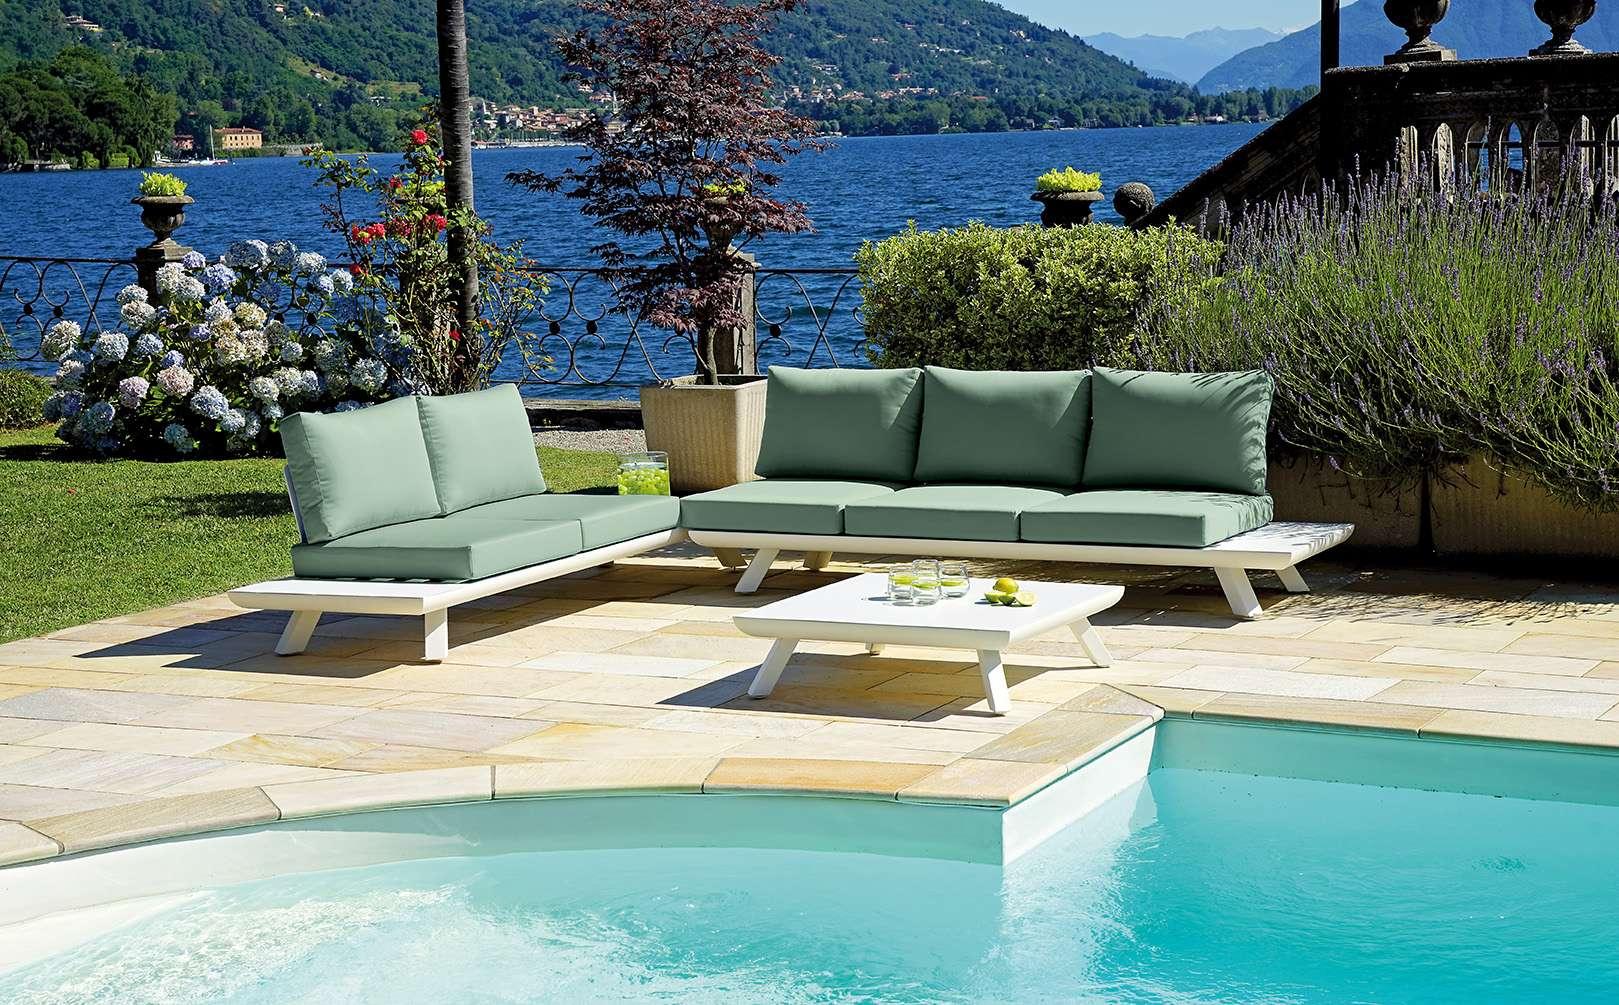 Ambientazione set25 greenwood mobili da giardino for Ambientazioni salotti